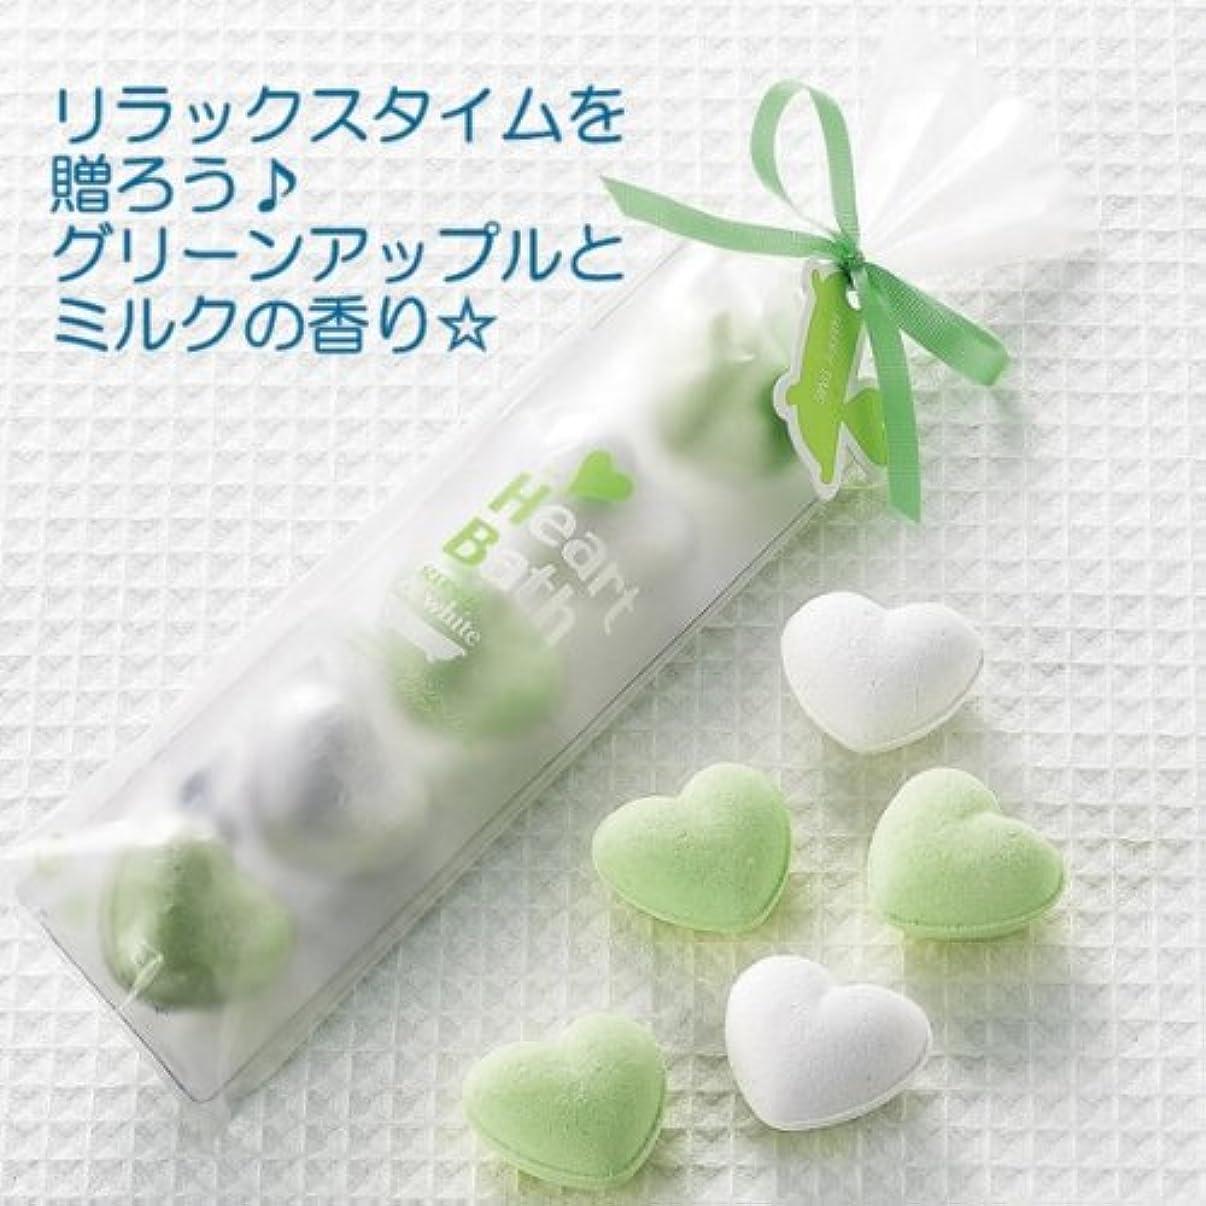 覚醒回転疫病ハート型の入浴剤グリーンアップル&ミルク